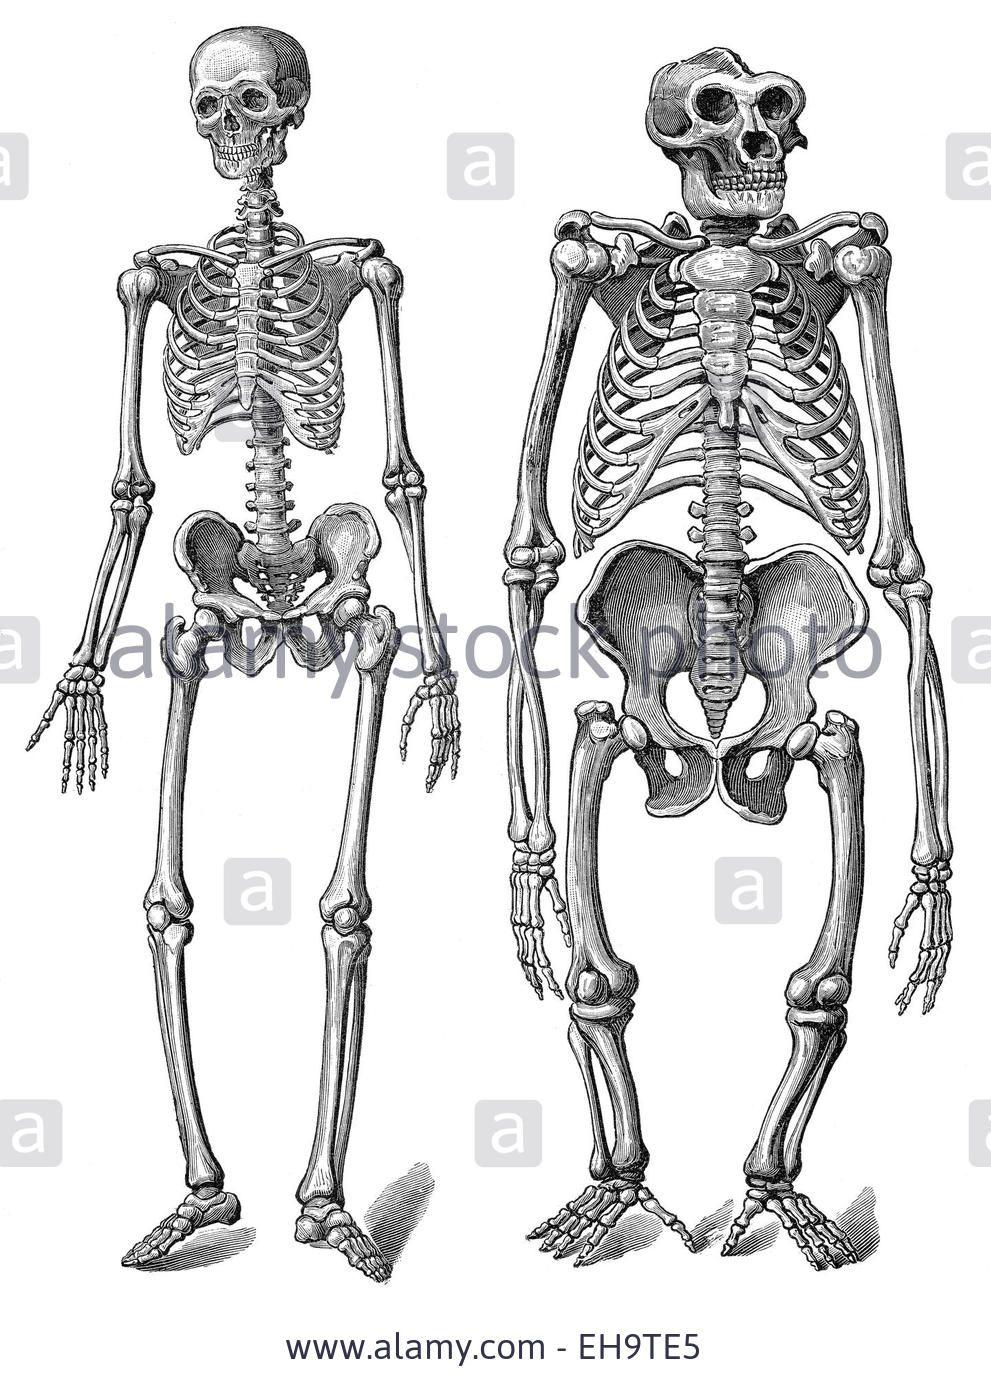 the human skeleton as compared to a gorilla skeleton, anatomy, Skeleton